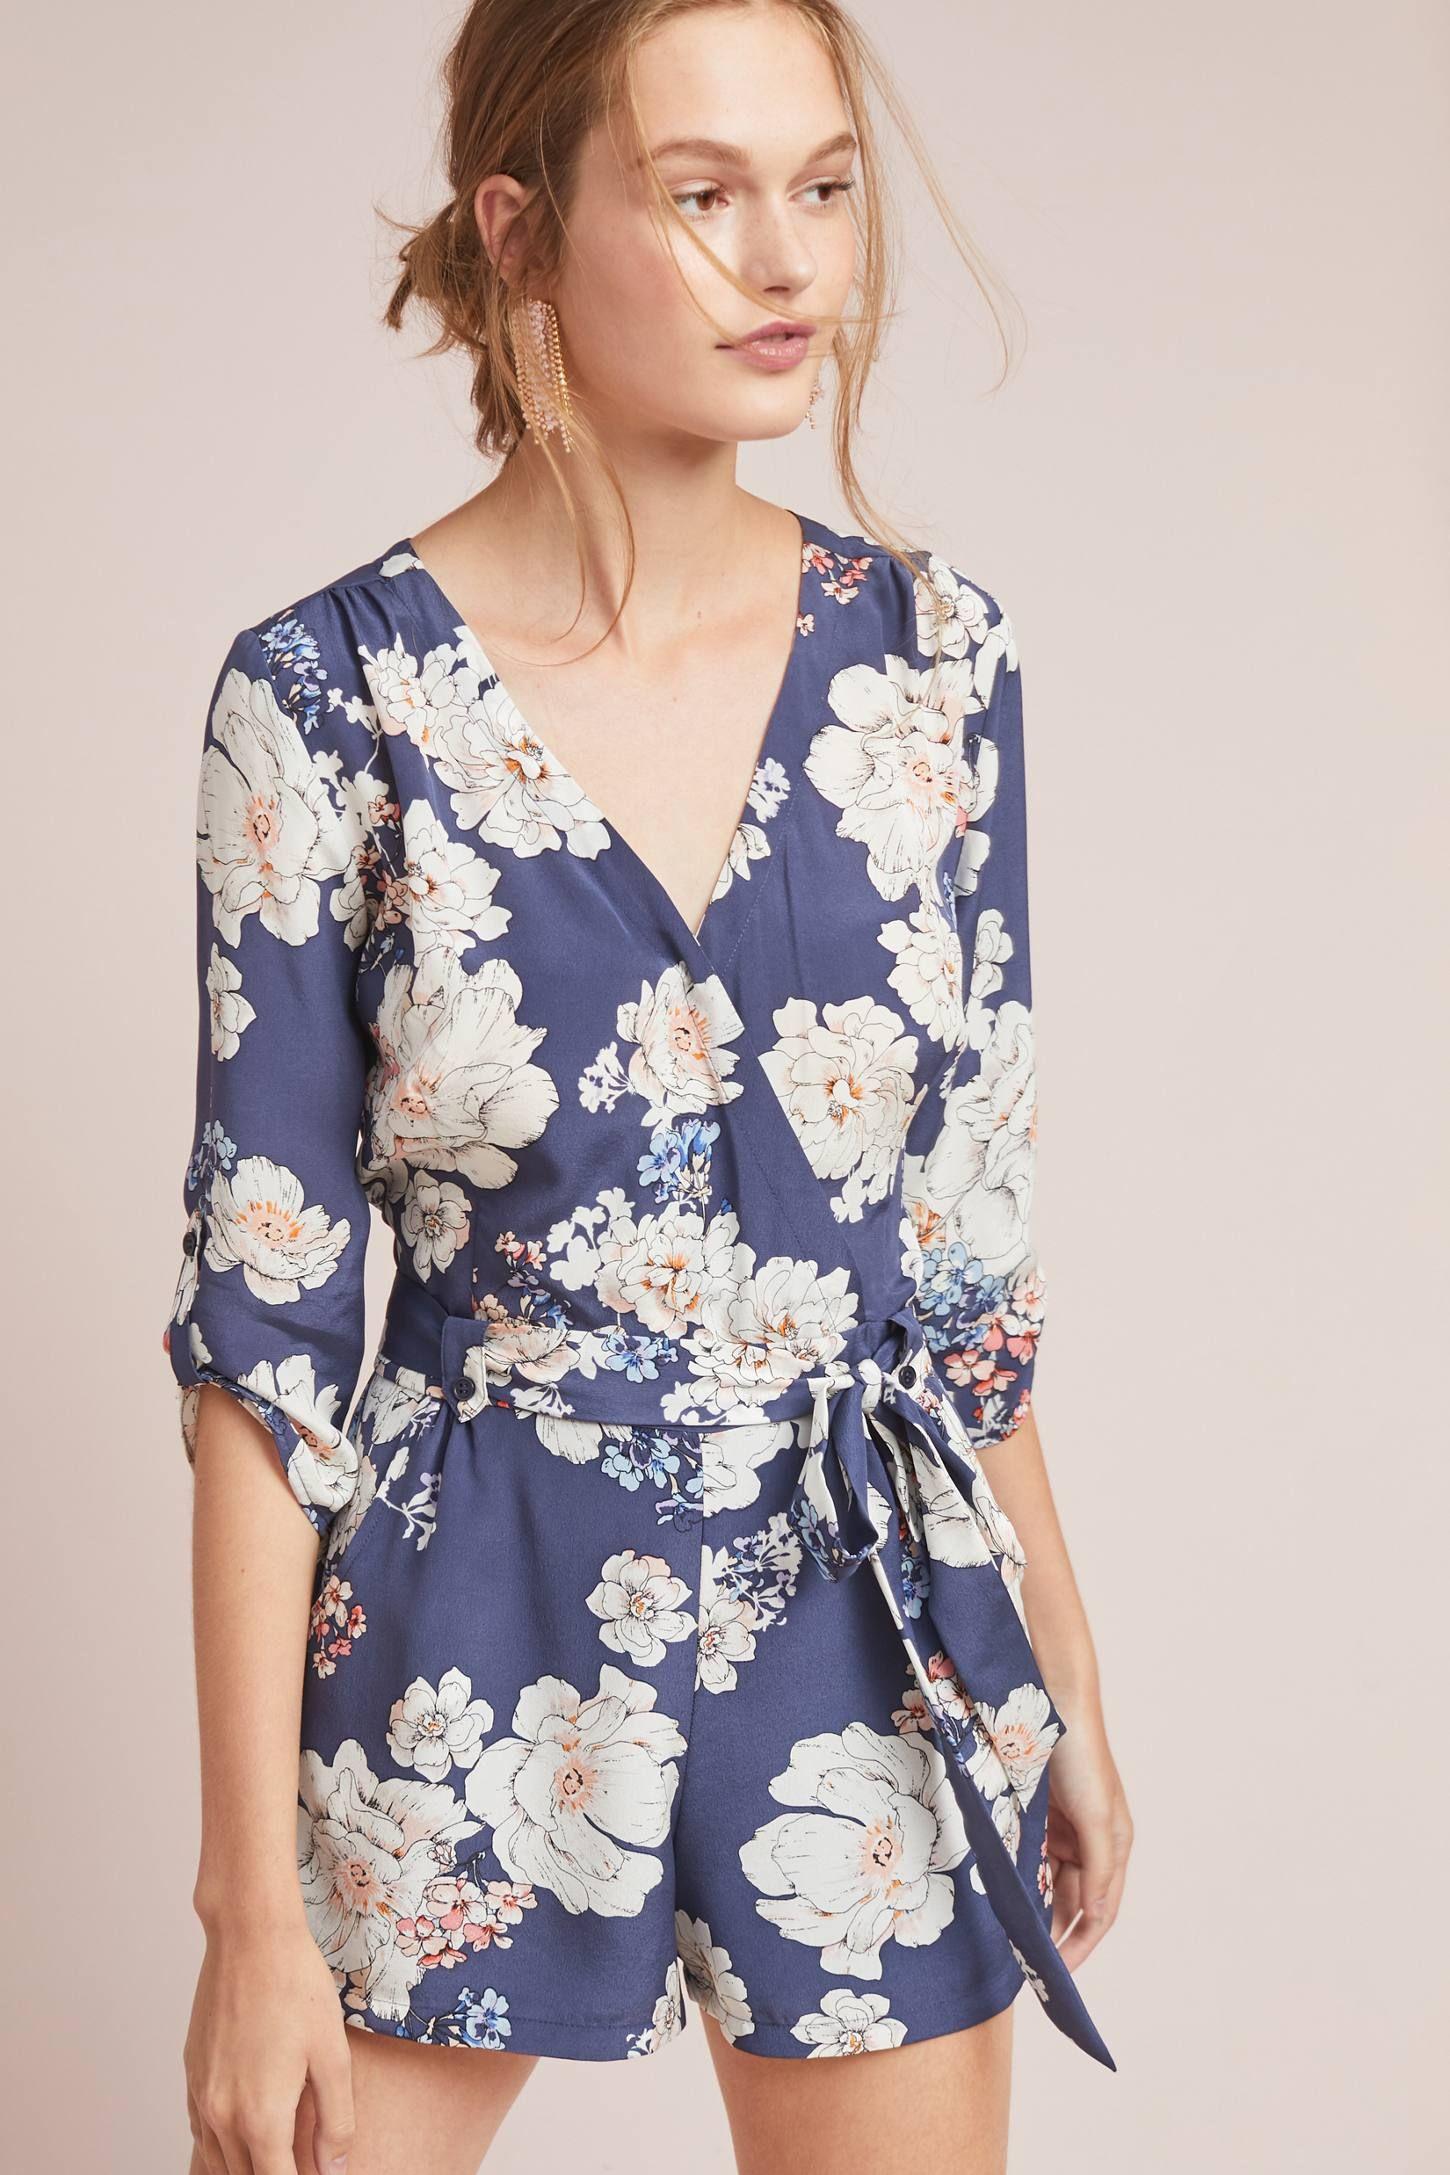 506d4764d646 Yumi Kim Liz Floral Romper